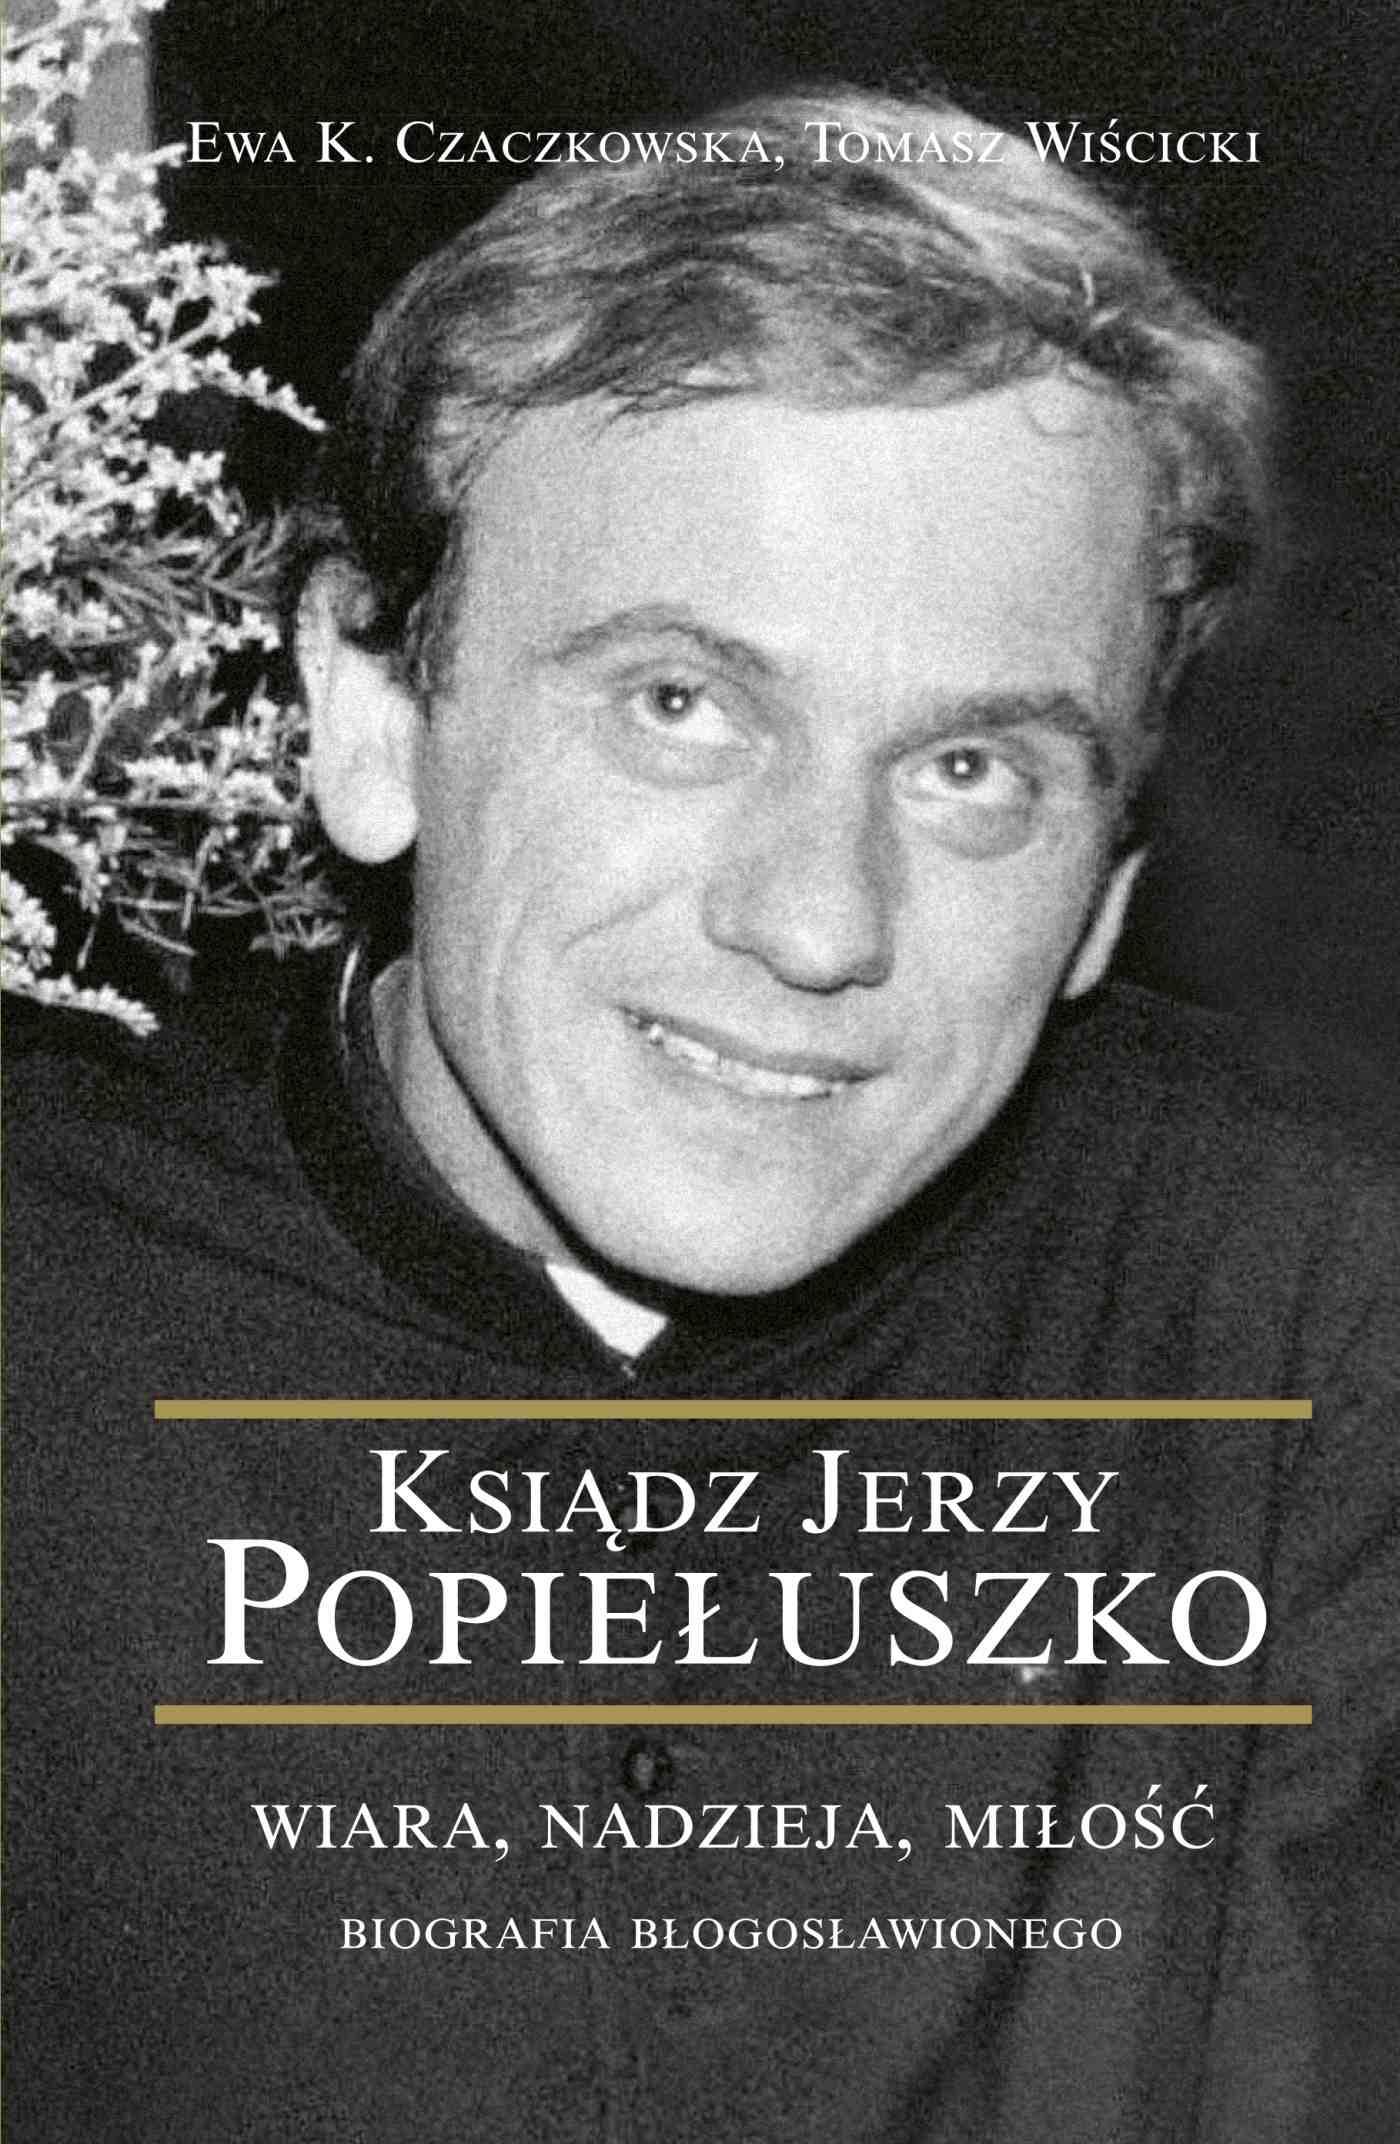 Ksiądz Jerzy Popiełuszko - Ebook (Książka na Kindle) do pobrania w formacie MOBI